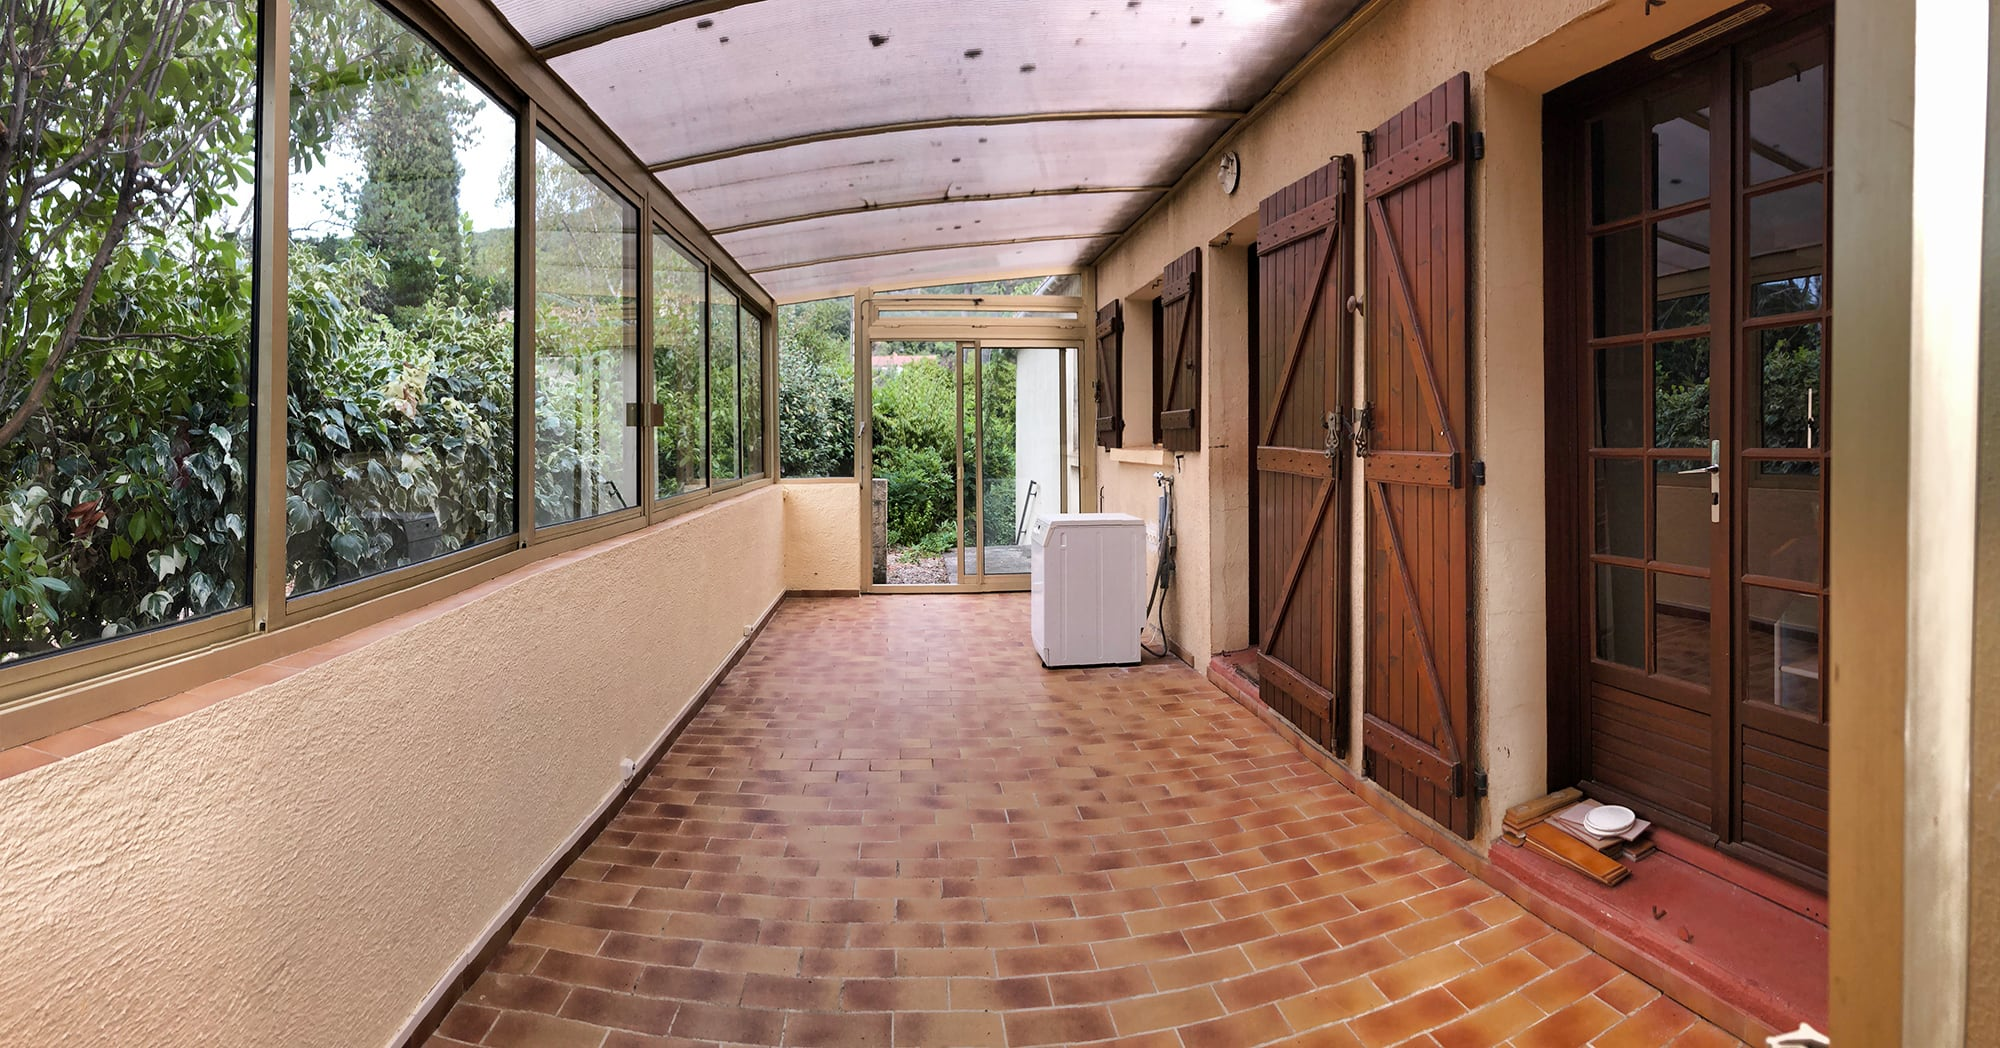 Maison-a-vendre-cevennes-veranda-02-modif.jpg